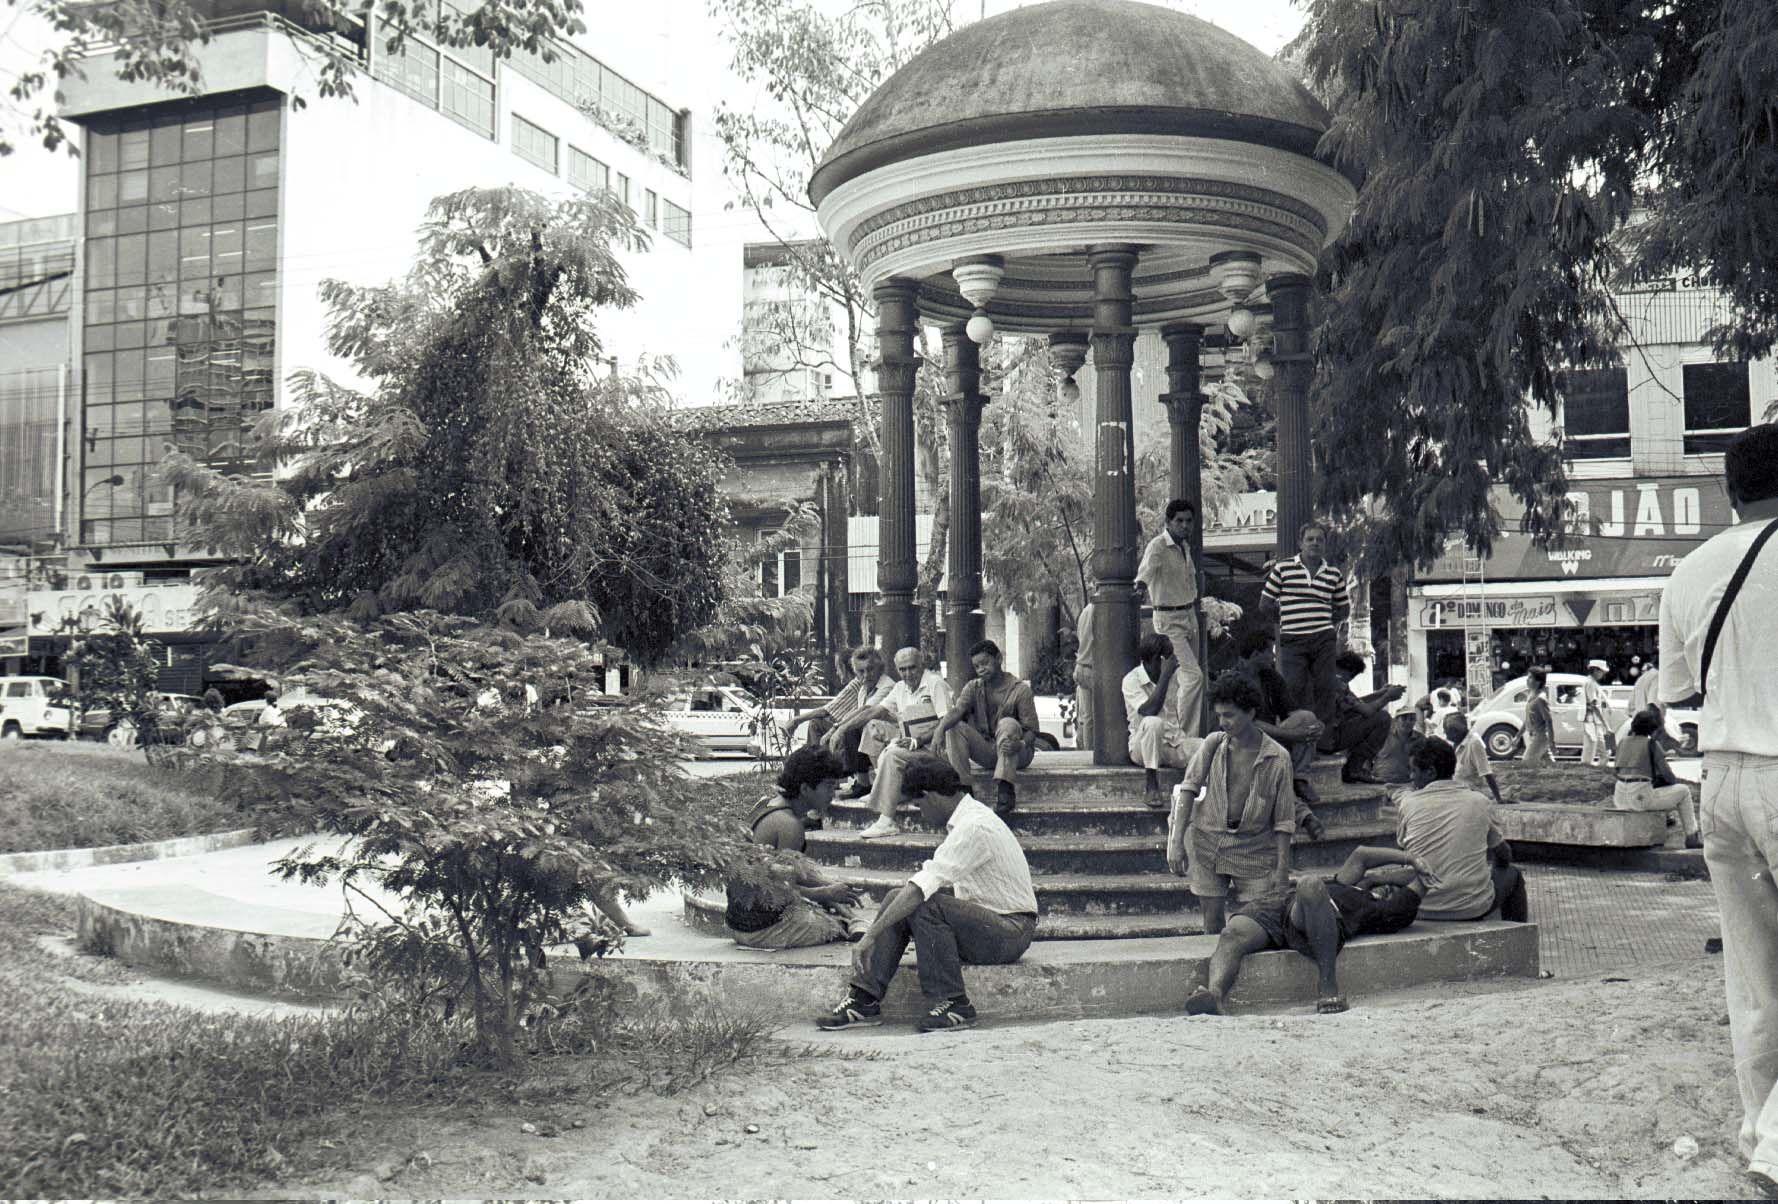 Pequeno coreto, em formato de templo grego, na Praça da Polícia, Centro. Acervo: Jornal A Crítica.